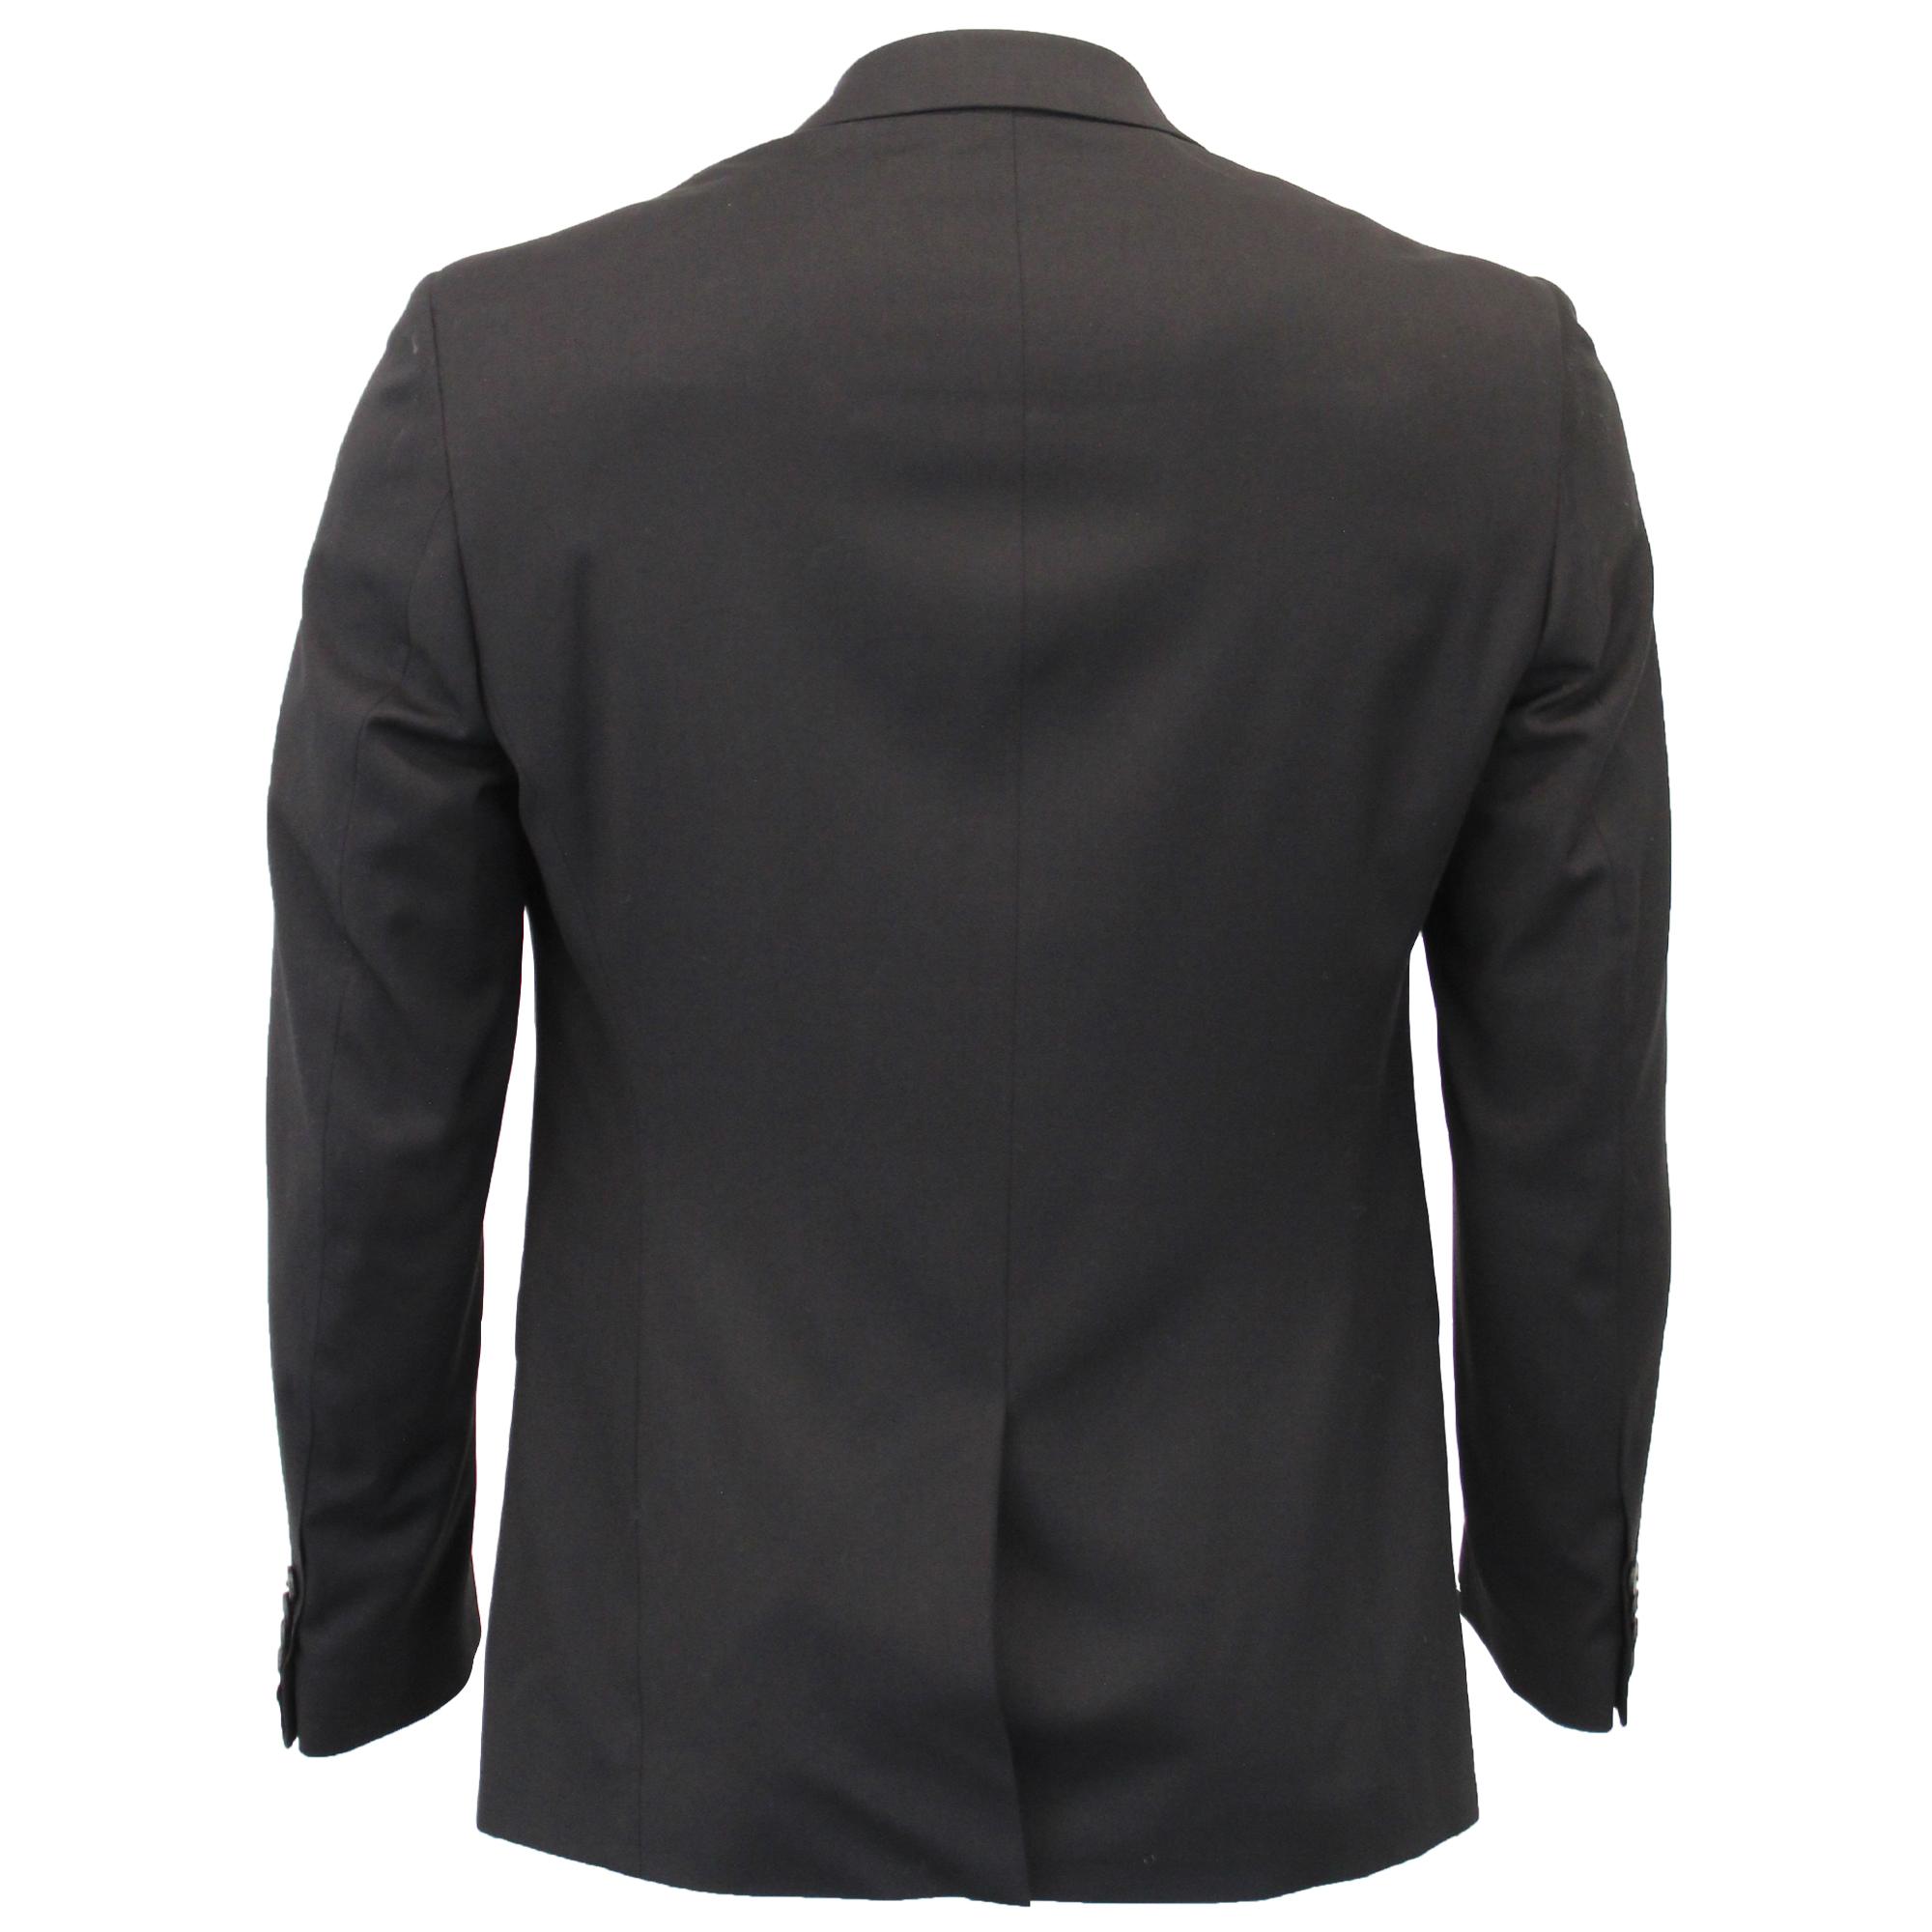 Pantaloni Elasticizzati Cavani Nero Giacca 3 Completo Pezzi Gilet Uomo Slim xYSzp